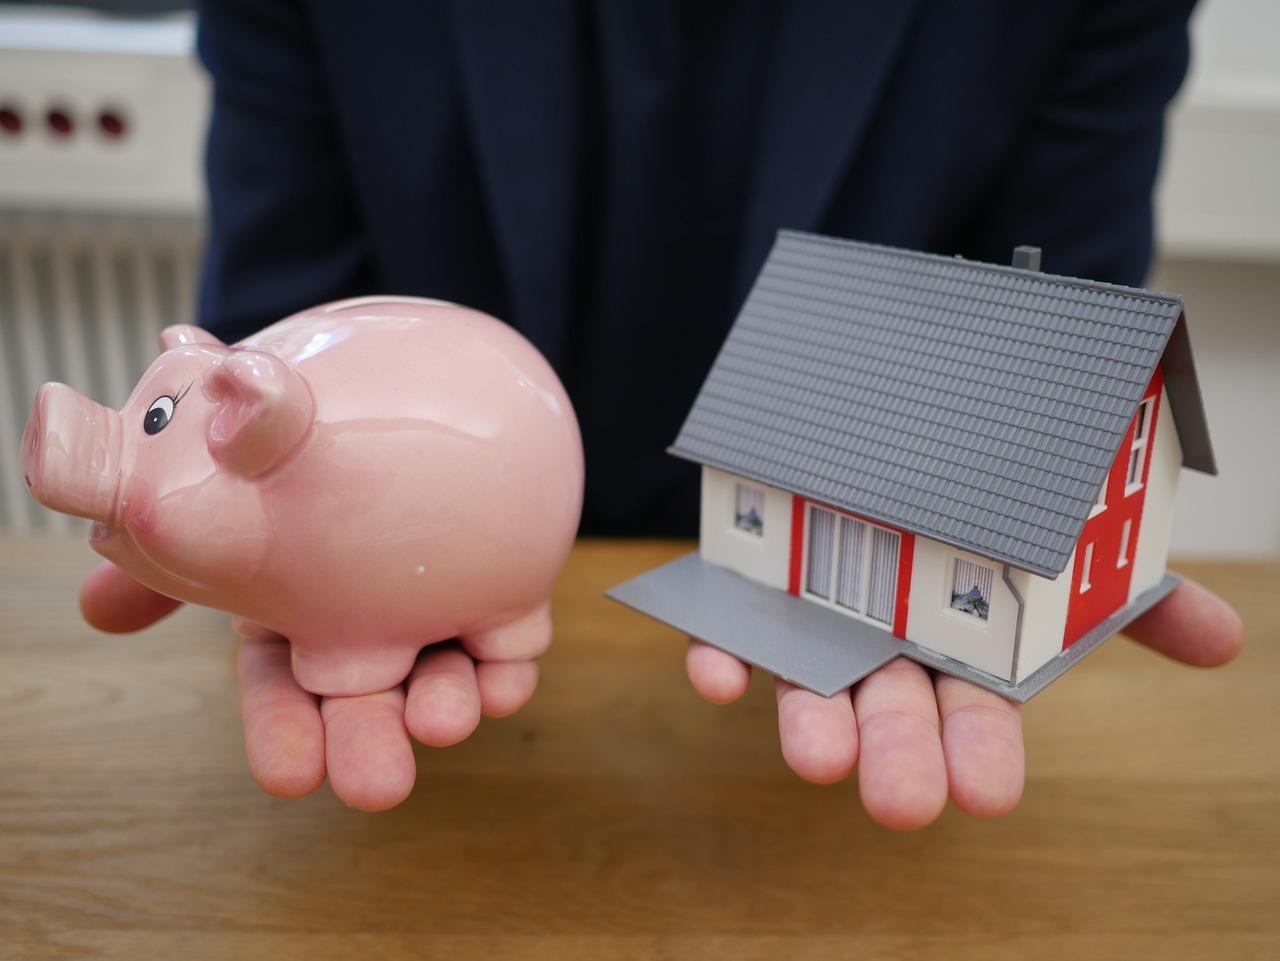 Astuces pour financer vos projets immobiliers par un prêt personnel